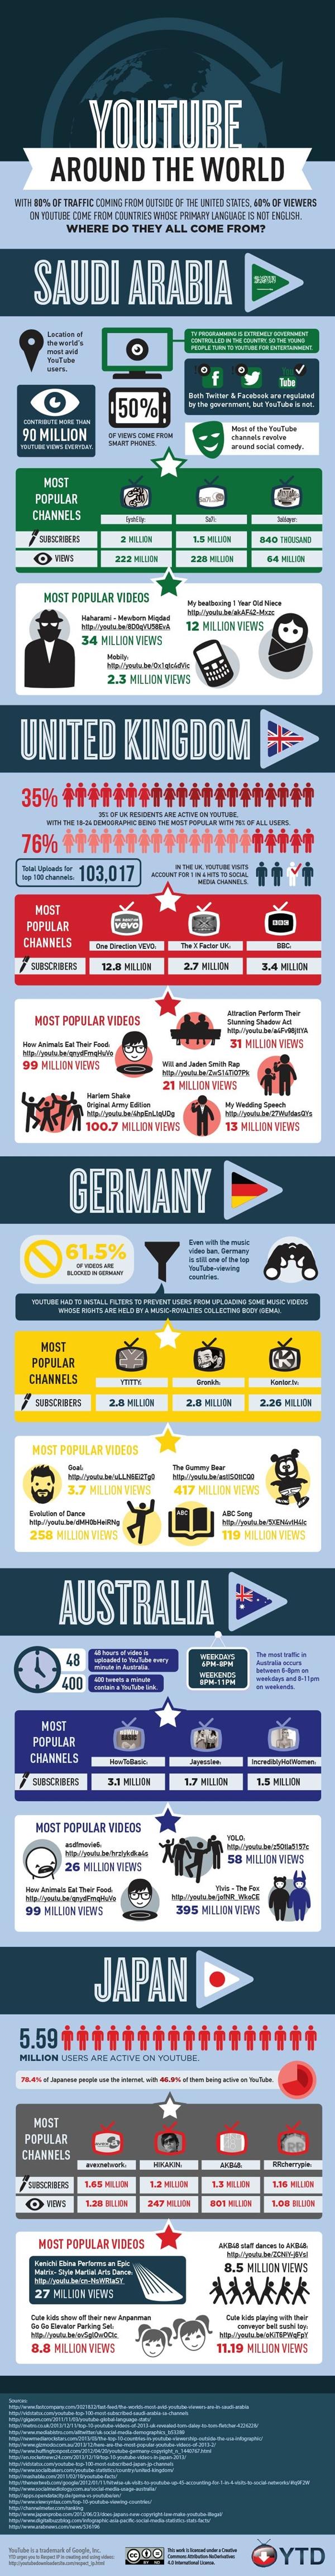 infographic-youtube-around-the-world